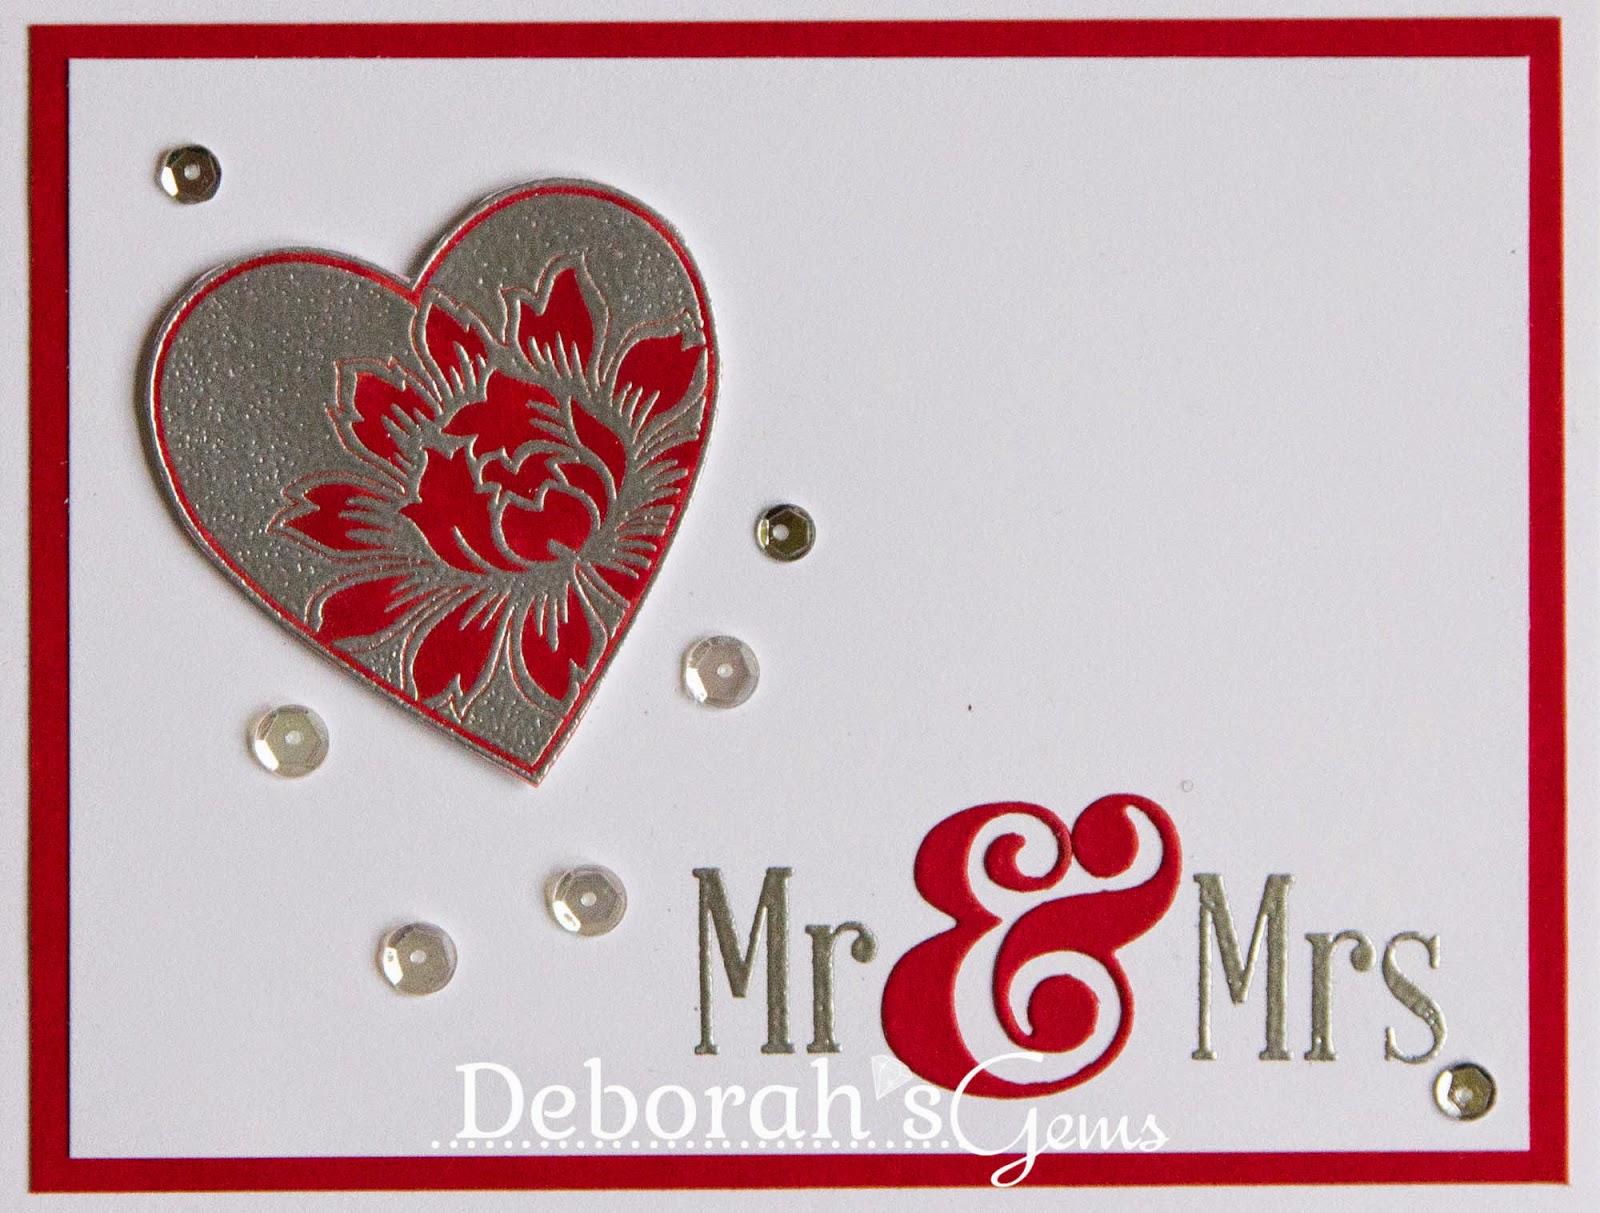 Mr & Mrs - photo by Deborah Frings - Deborah's Gems